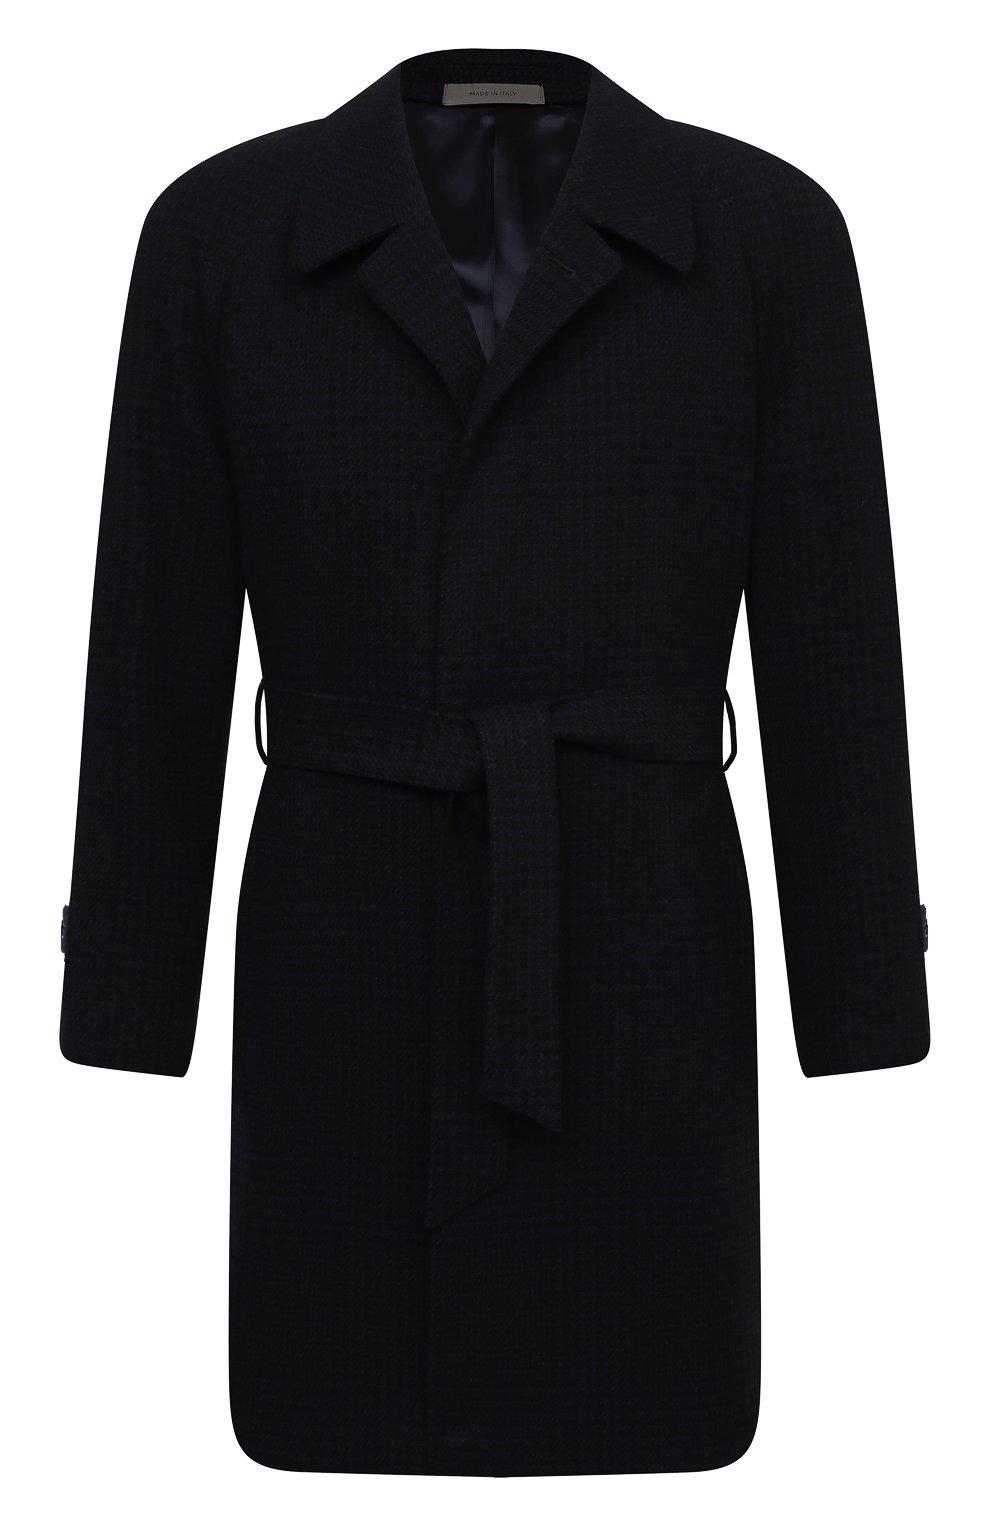 Мужской пальто из шерсти и кашемира CORNELIANI темно-синего цвета, арт. 861407-0812170/00 | Фото 1 (Материал внешний: Шерсть; Рукава: Длинные; Стили: Классический, Кэжуэл; Мужское Кросс-КТ: Верхняя одежда, пальто-верхняя одежда; Материал подклада: Вискоза)